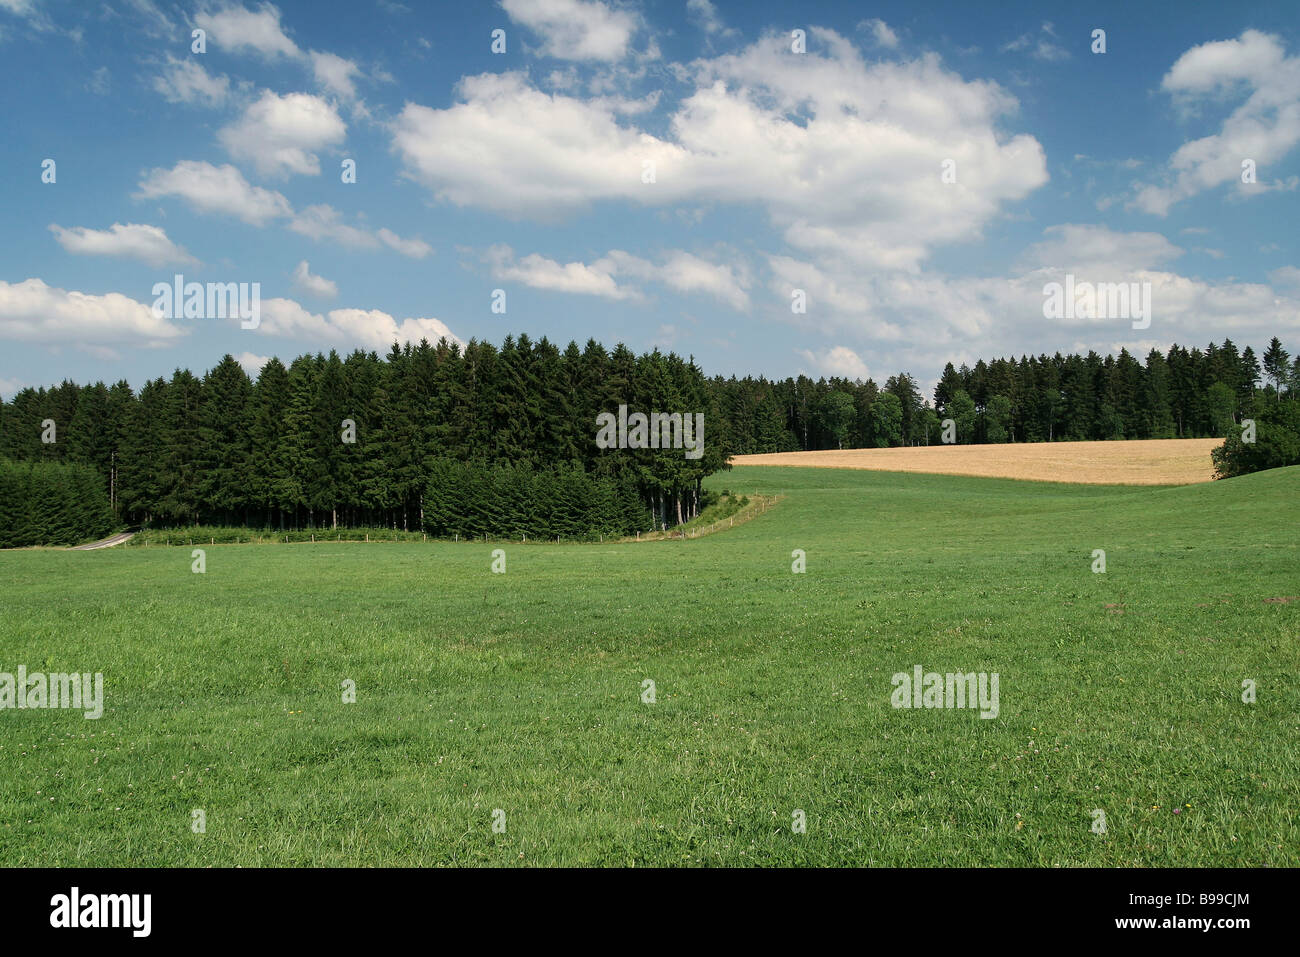 Rural landscape - Stock Image